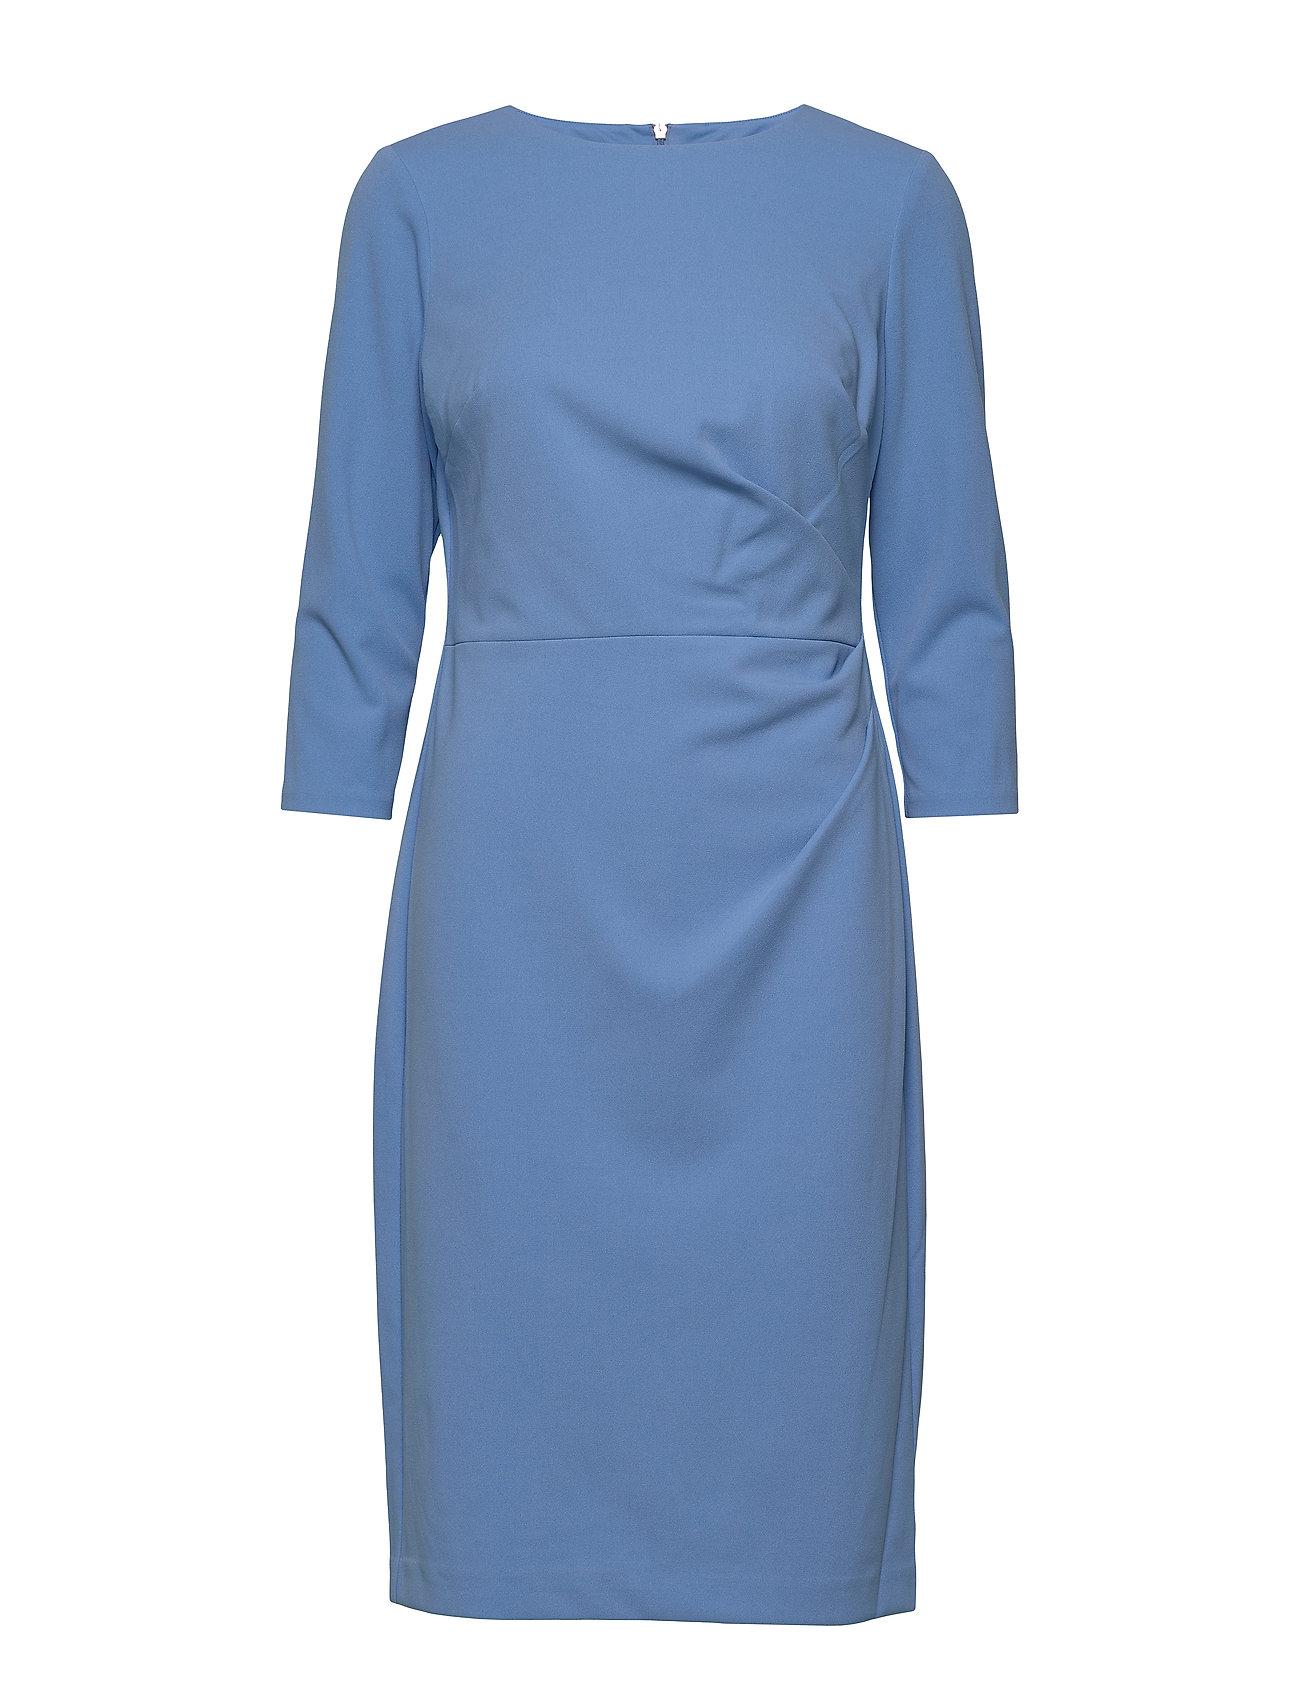 Lauren Ralph Lauren LUXE TECH CREPE-DRESS - EOS BLUE